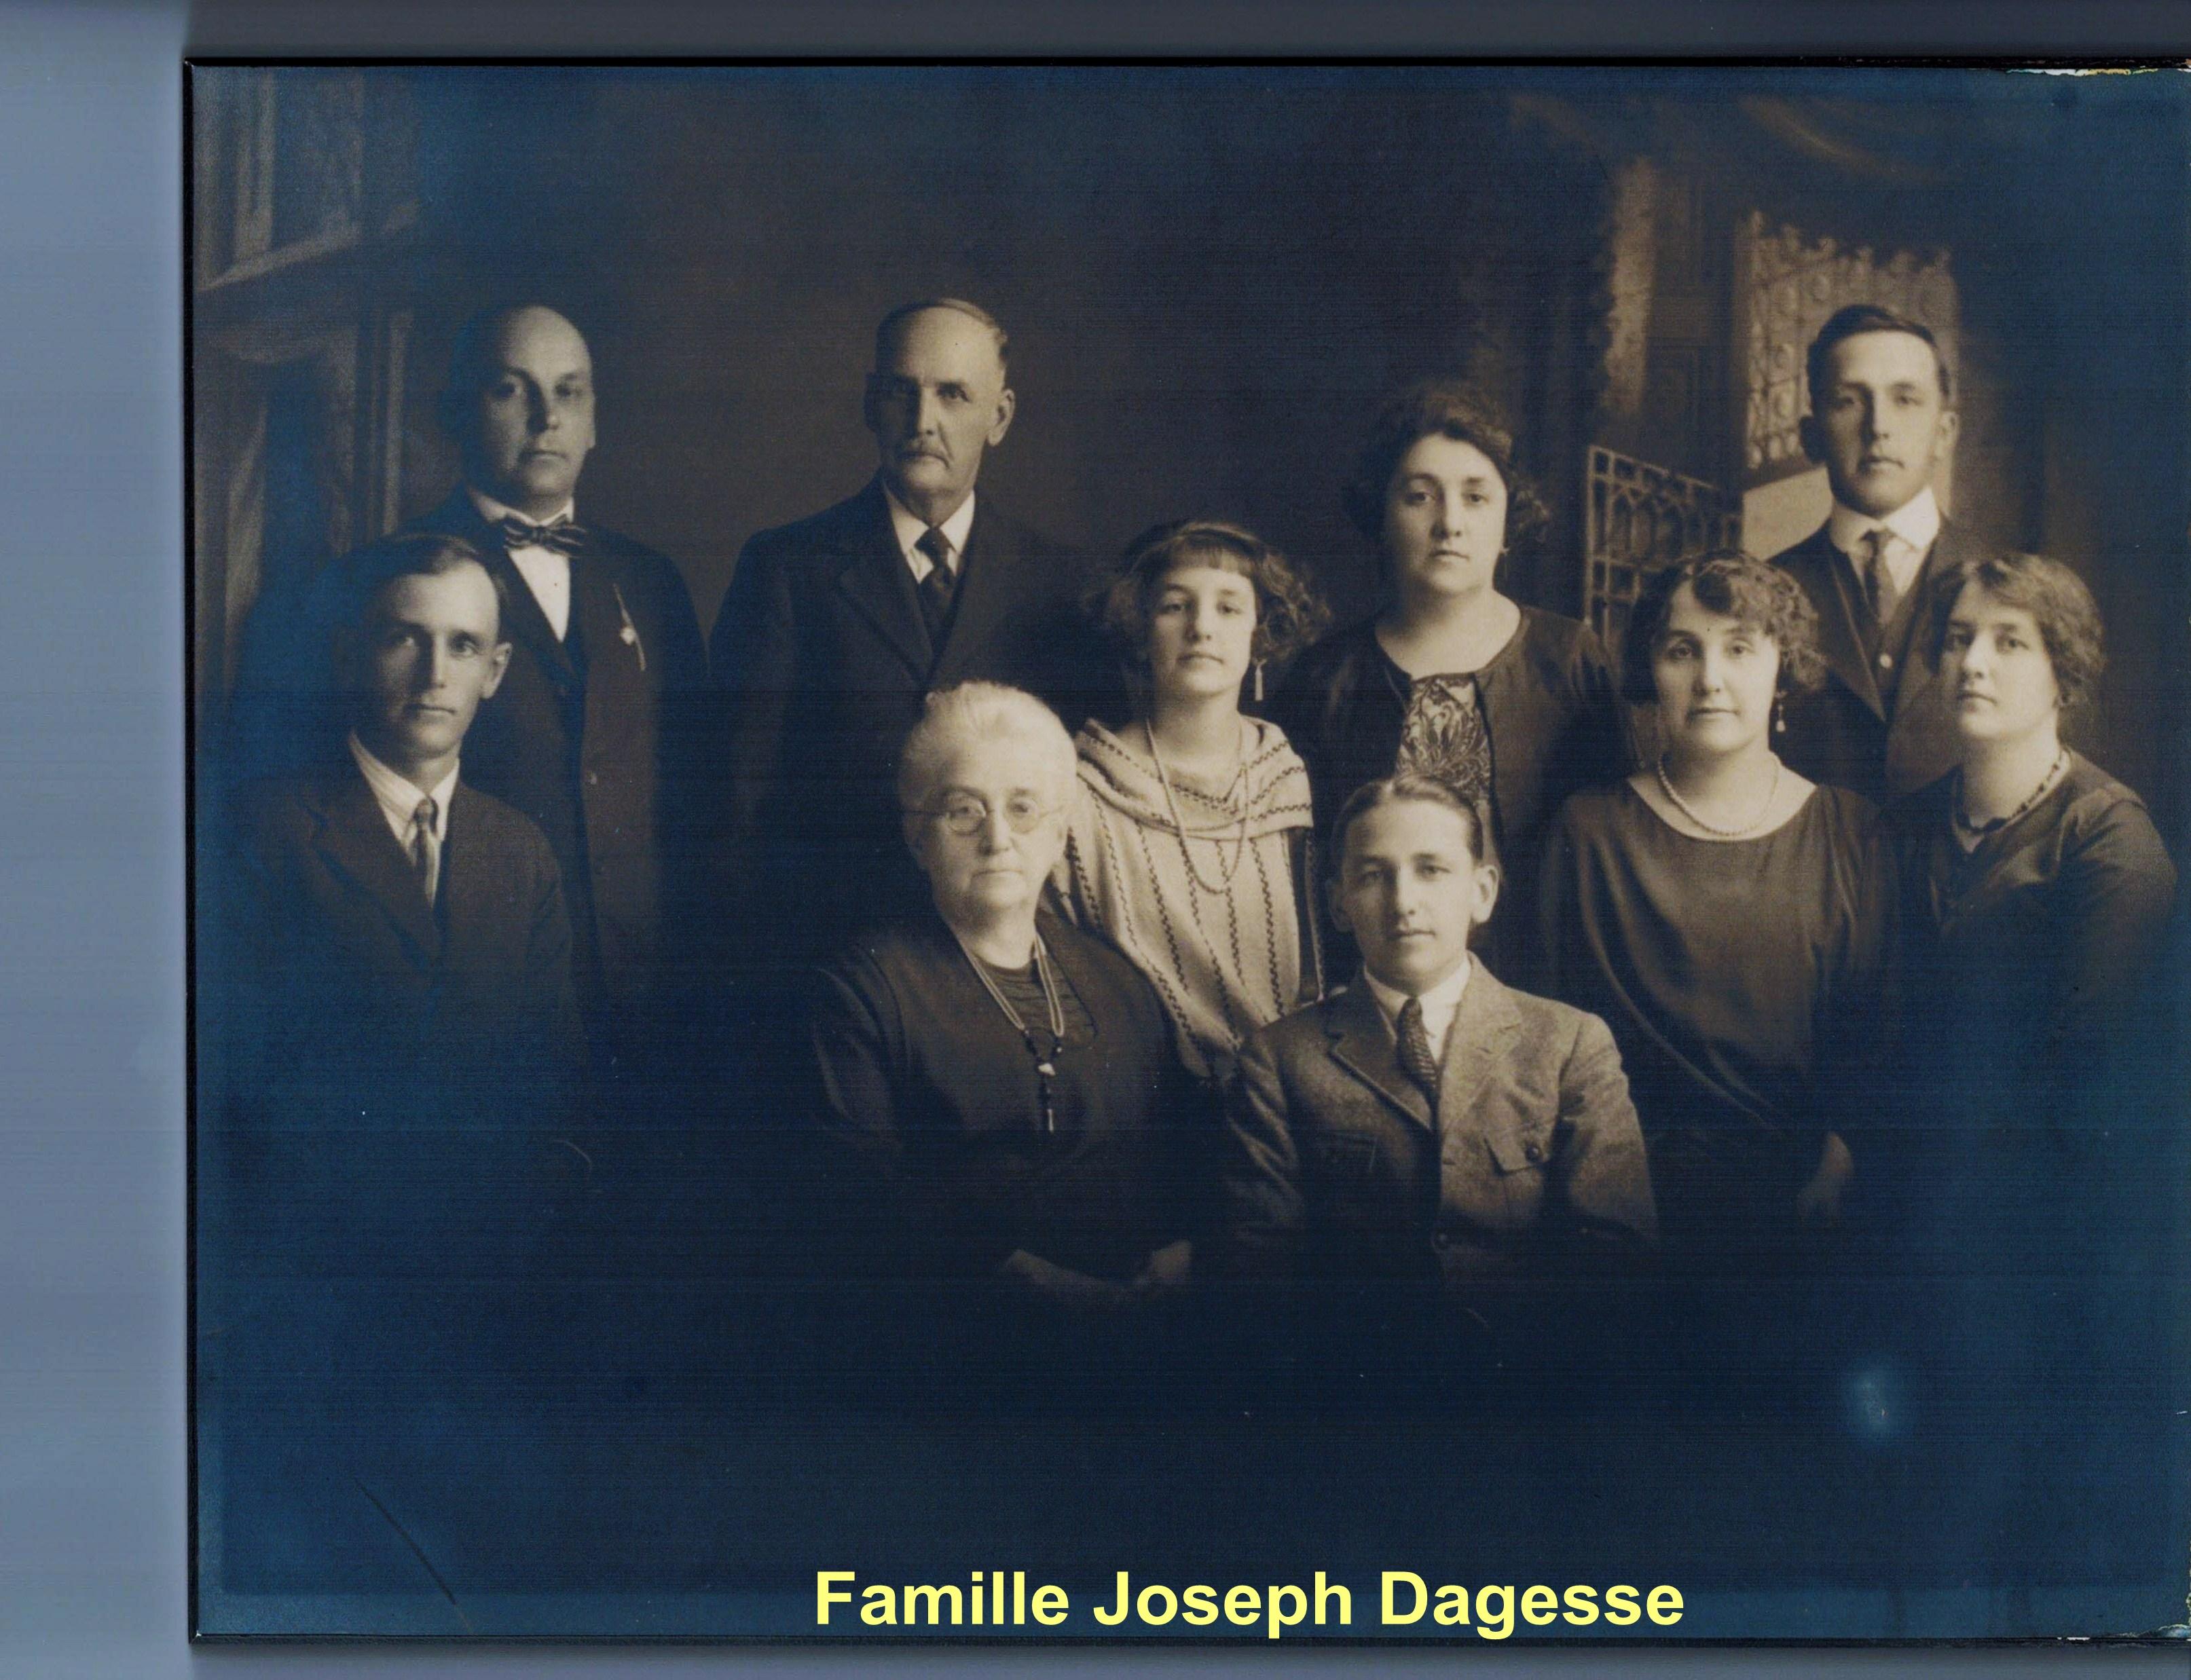 Famille Joseph Dagesse